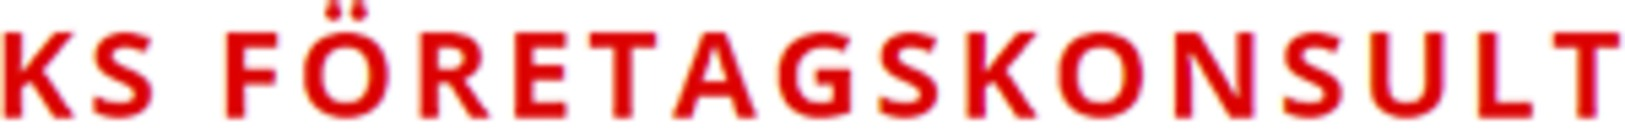 K S Företagskonsult logo